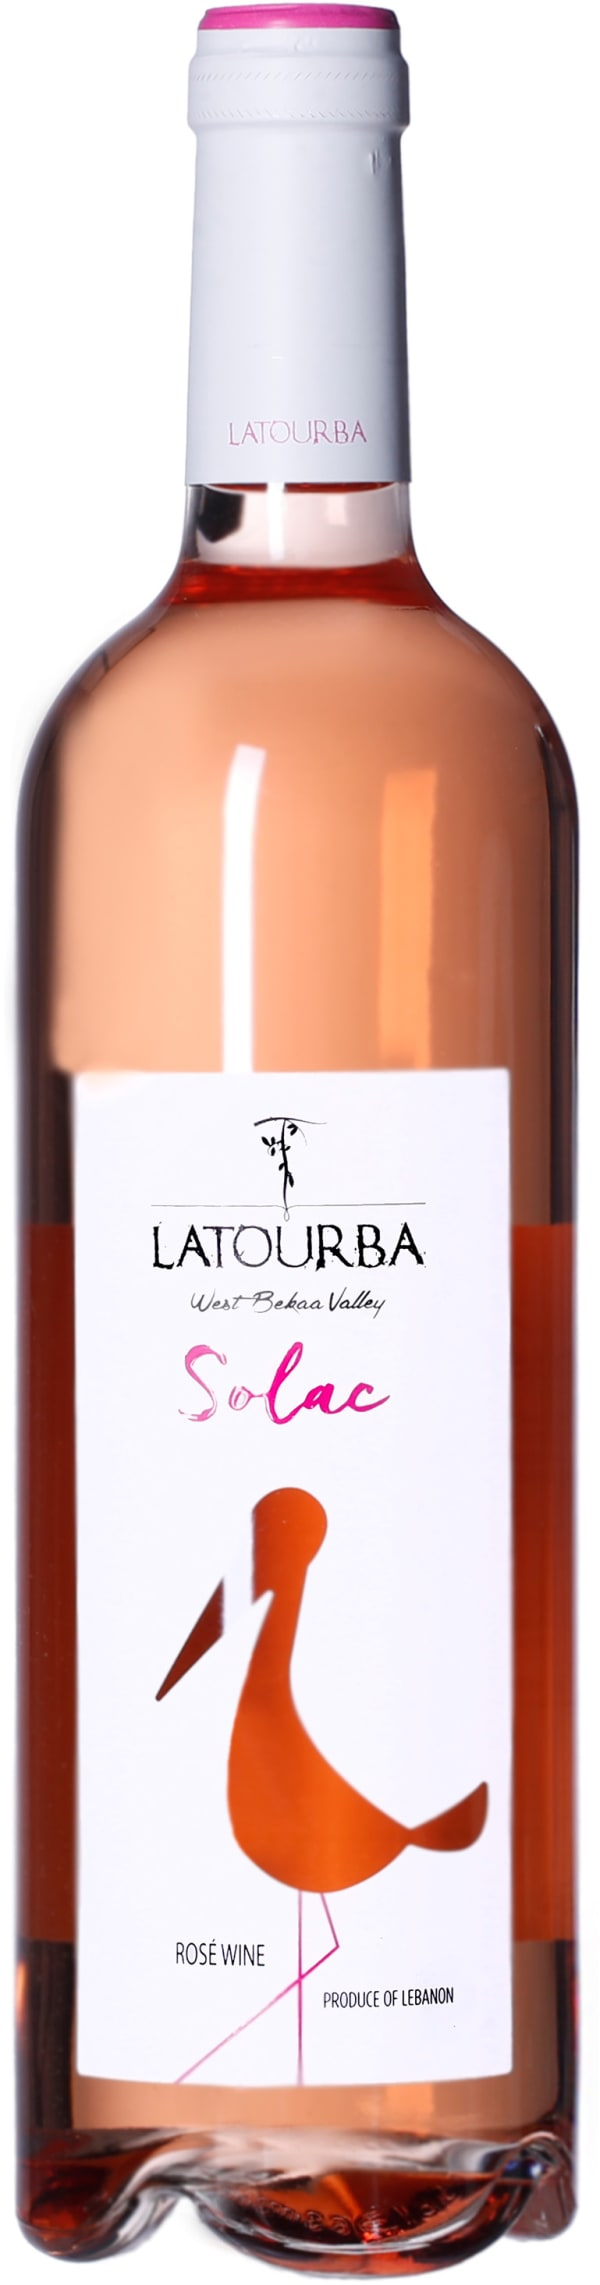 Latourba Solac Rosé 2019